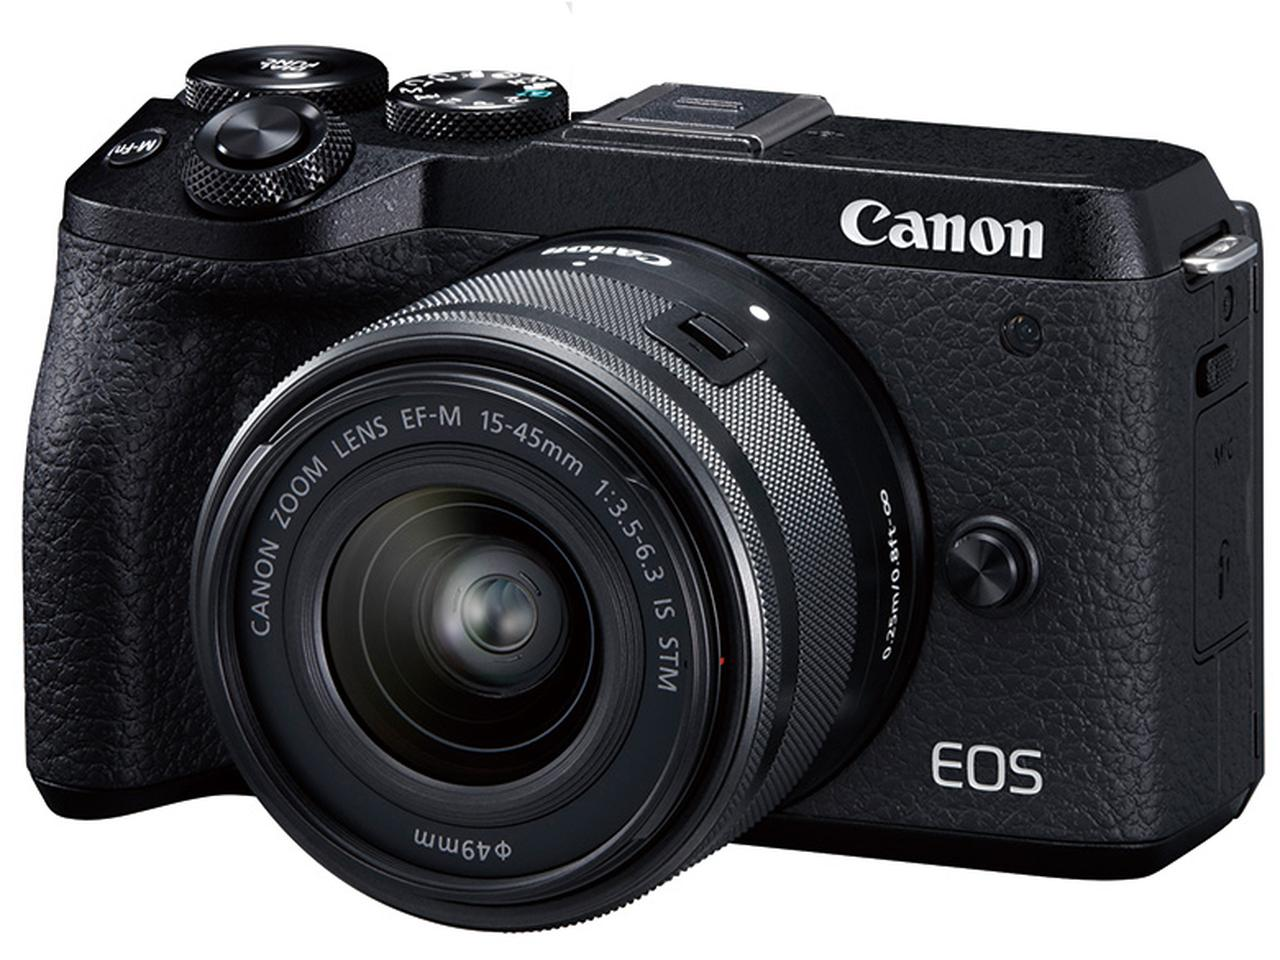 画像1: さらなる高画質化と高速連写を実現した高性能ミラーレスカメラ